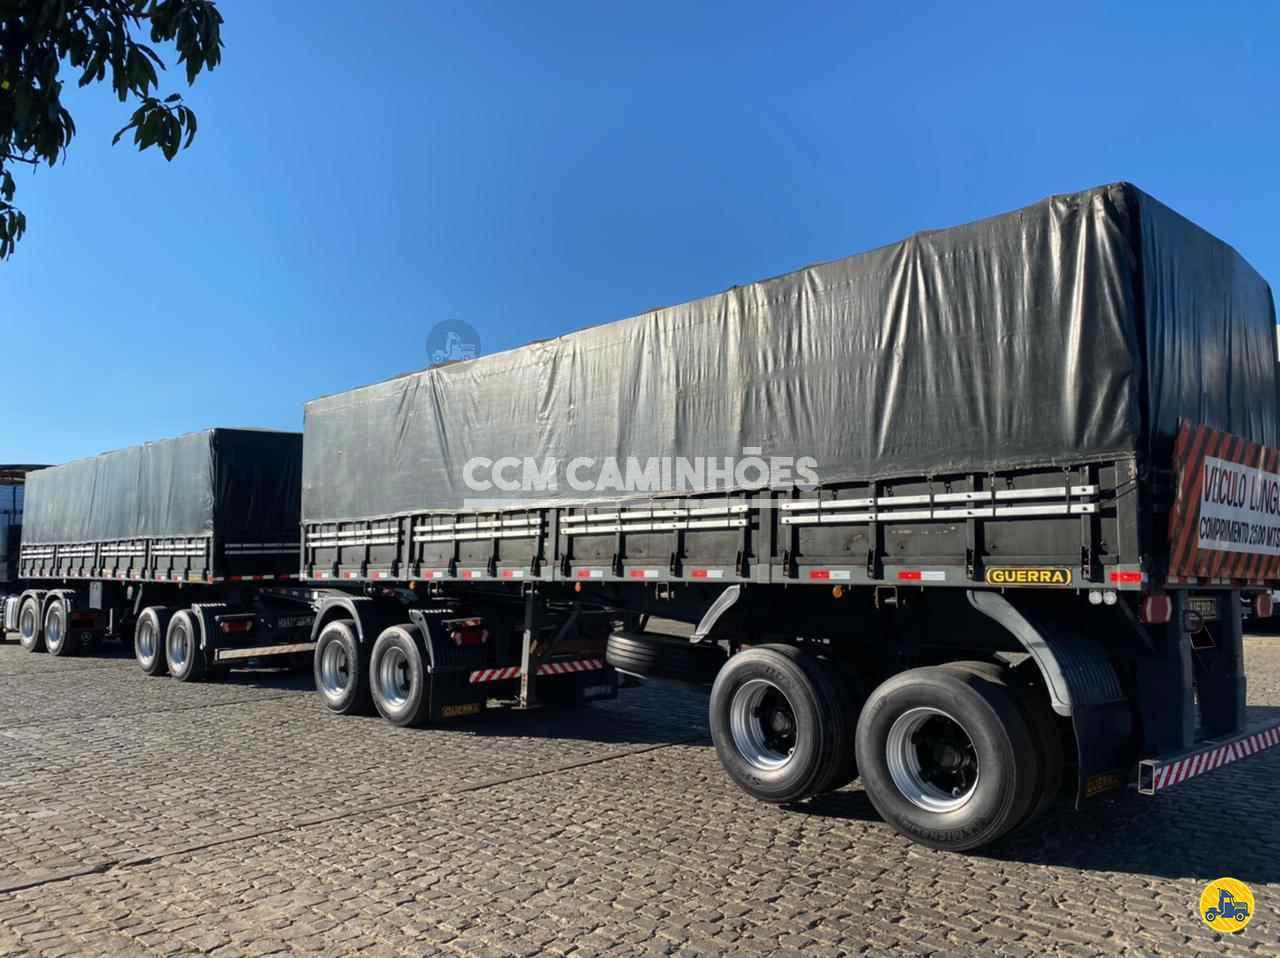 CARRETA RODOTREM GRANELEIRO CCM Caminhões GOIANIA GOIAS GO